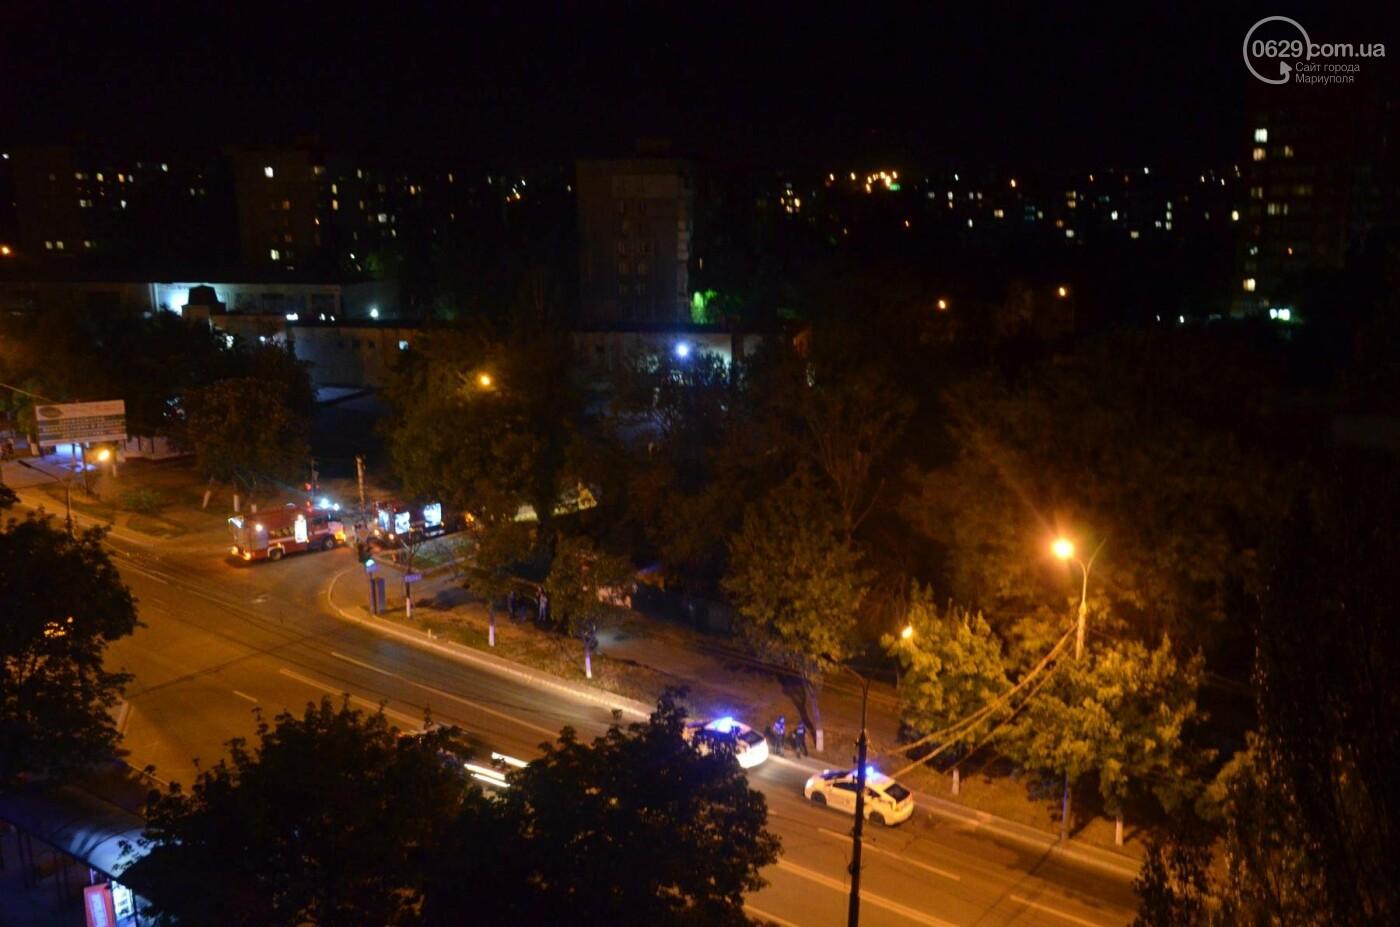 В Мариуполе на заброшенном хлебозаводе горел хлебный киоск, - ФОТО, ВИДЕО, фото-3